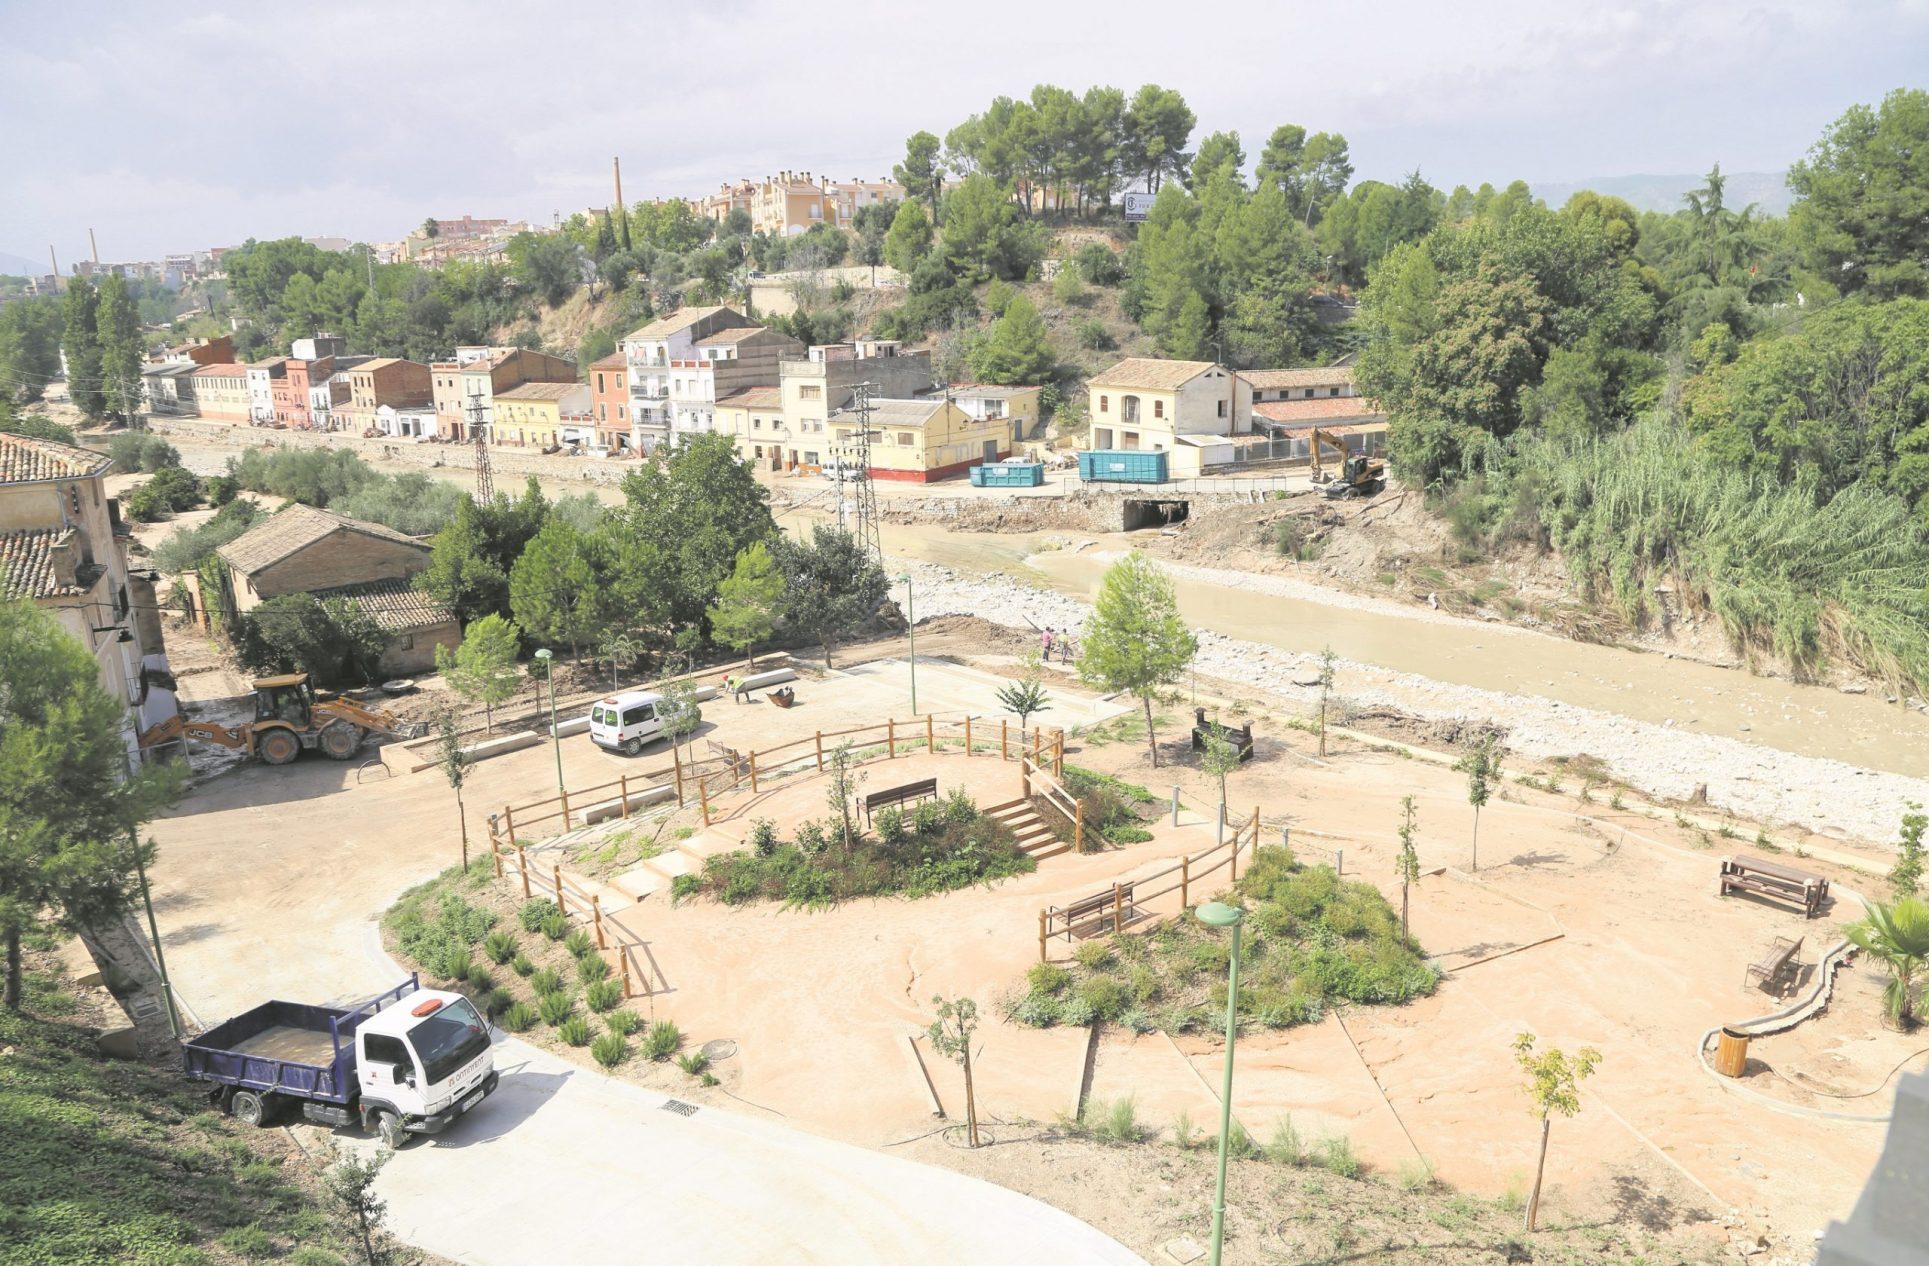 Comença la compra de les cases de la Cantereria El Periòdic d'Ontinyent - Noticies a Ontinyent